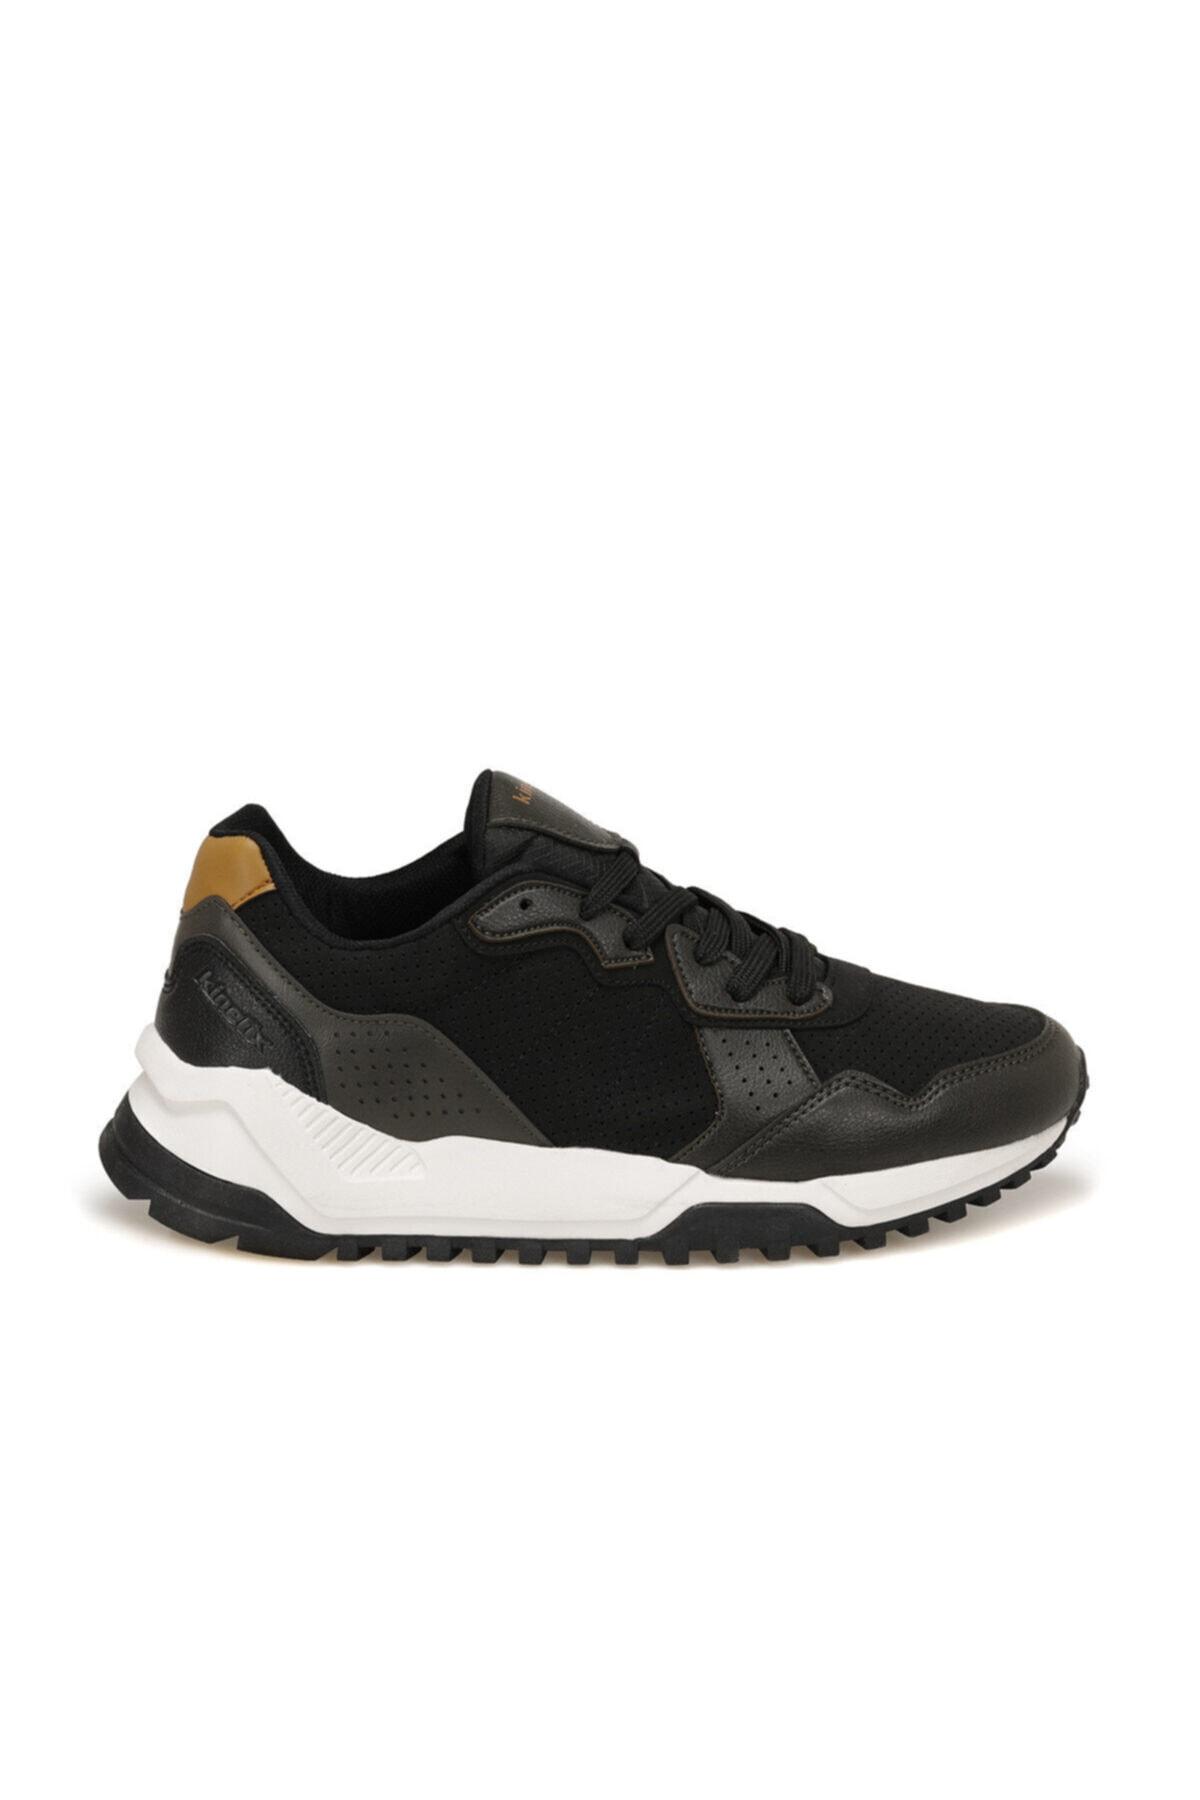 Kinetix CYNERIC Haki Erkek Kalın Taban Sneaker Spor Ayakkabı 100540738 2